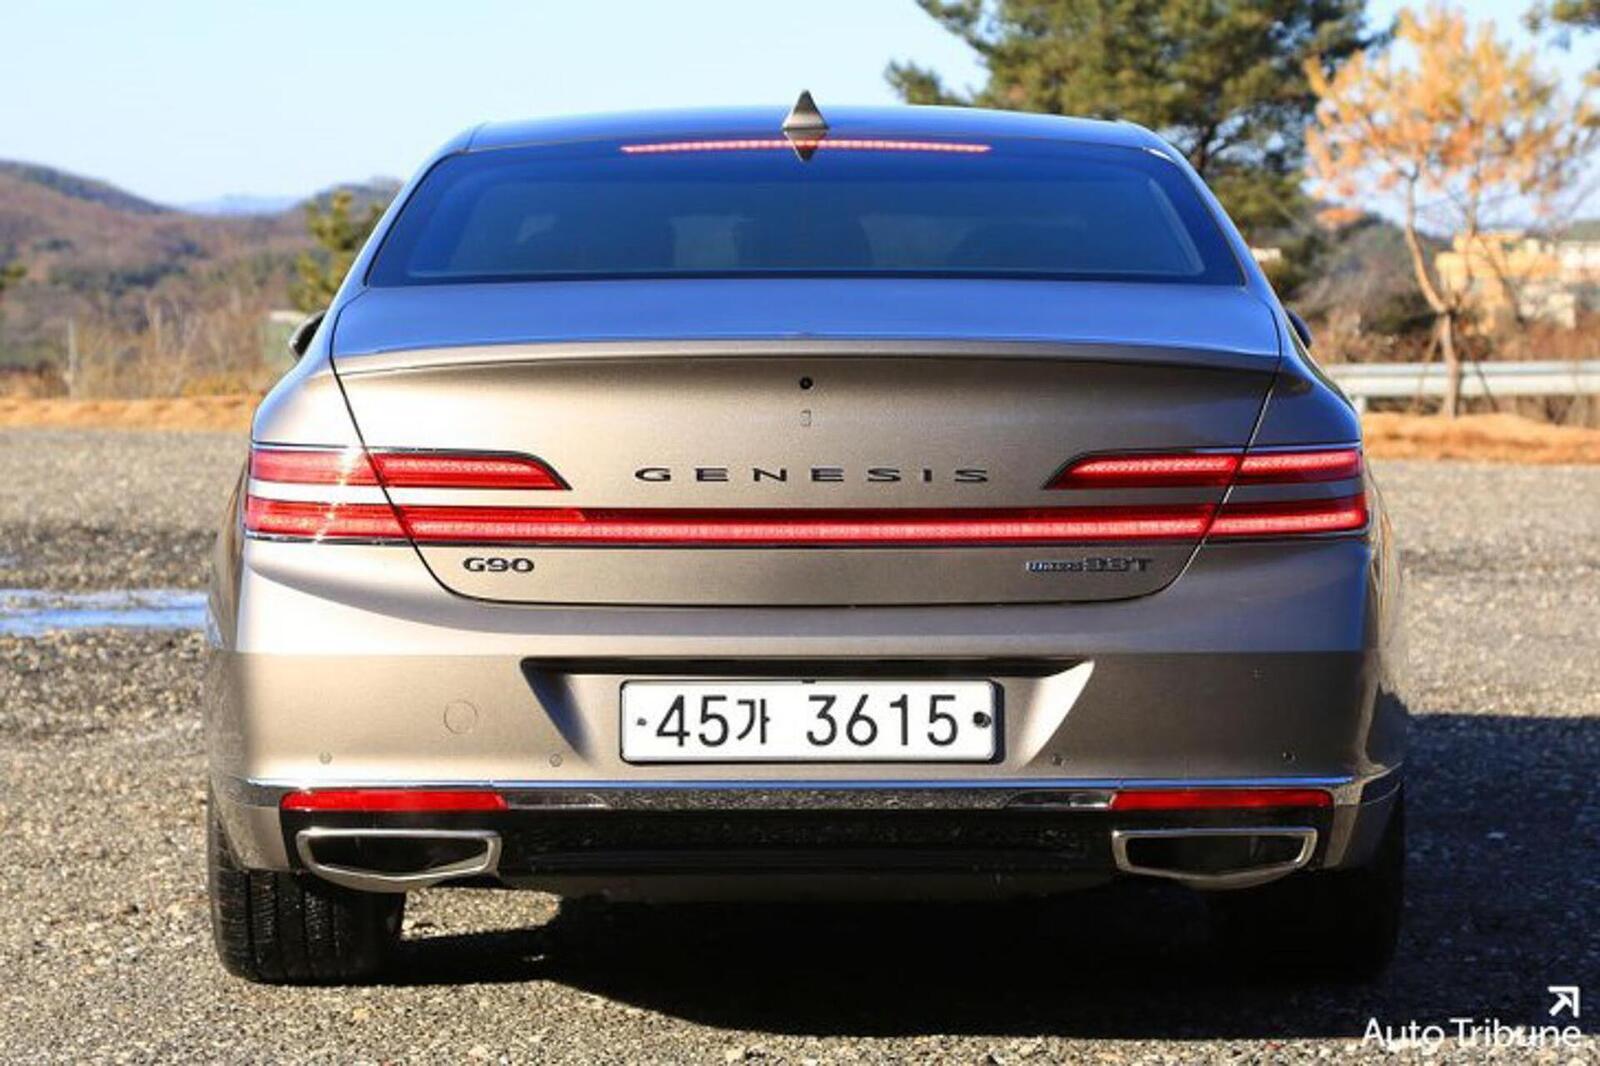 Sedan hạng sang Genesis G90 2020 mới ra mắt cuối tháng 11/2018 lộ ảnh cực nóng - Hình 2